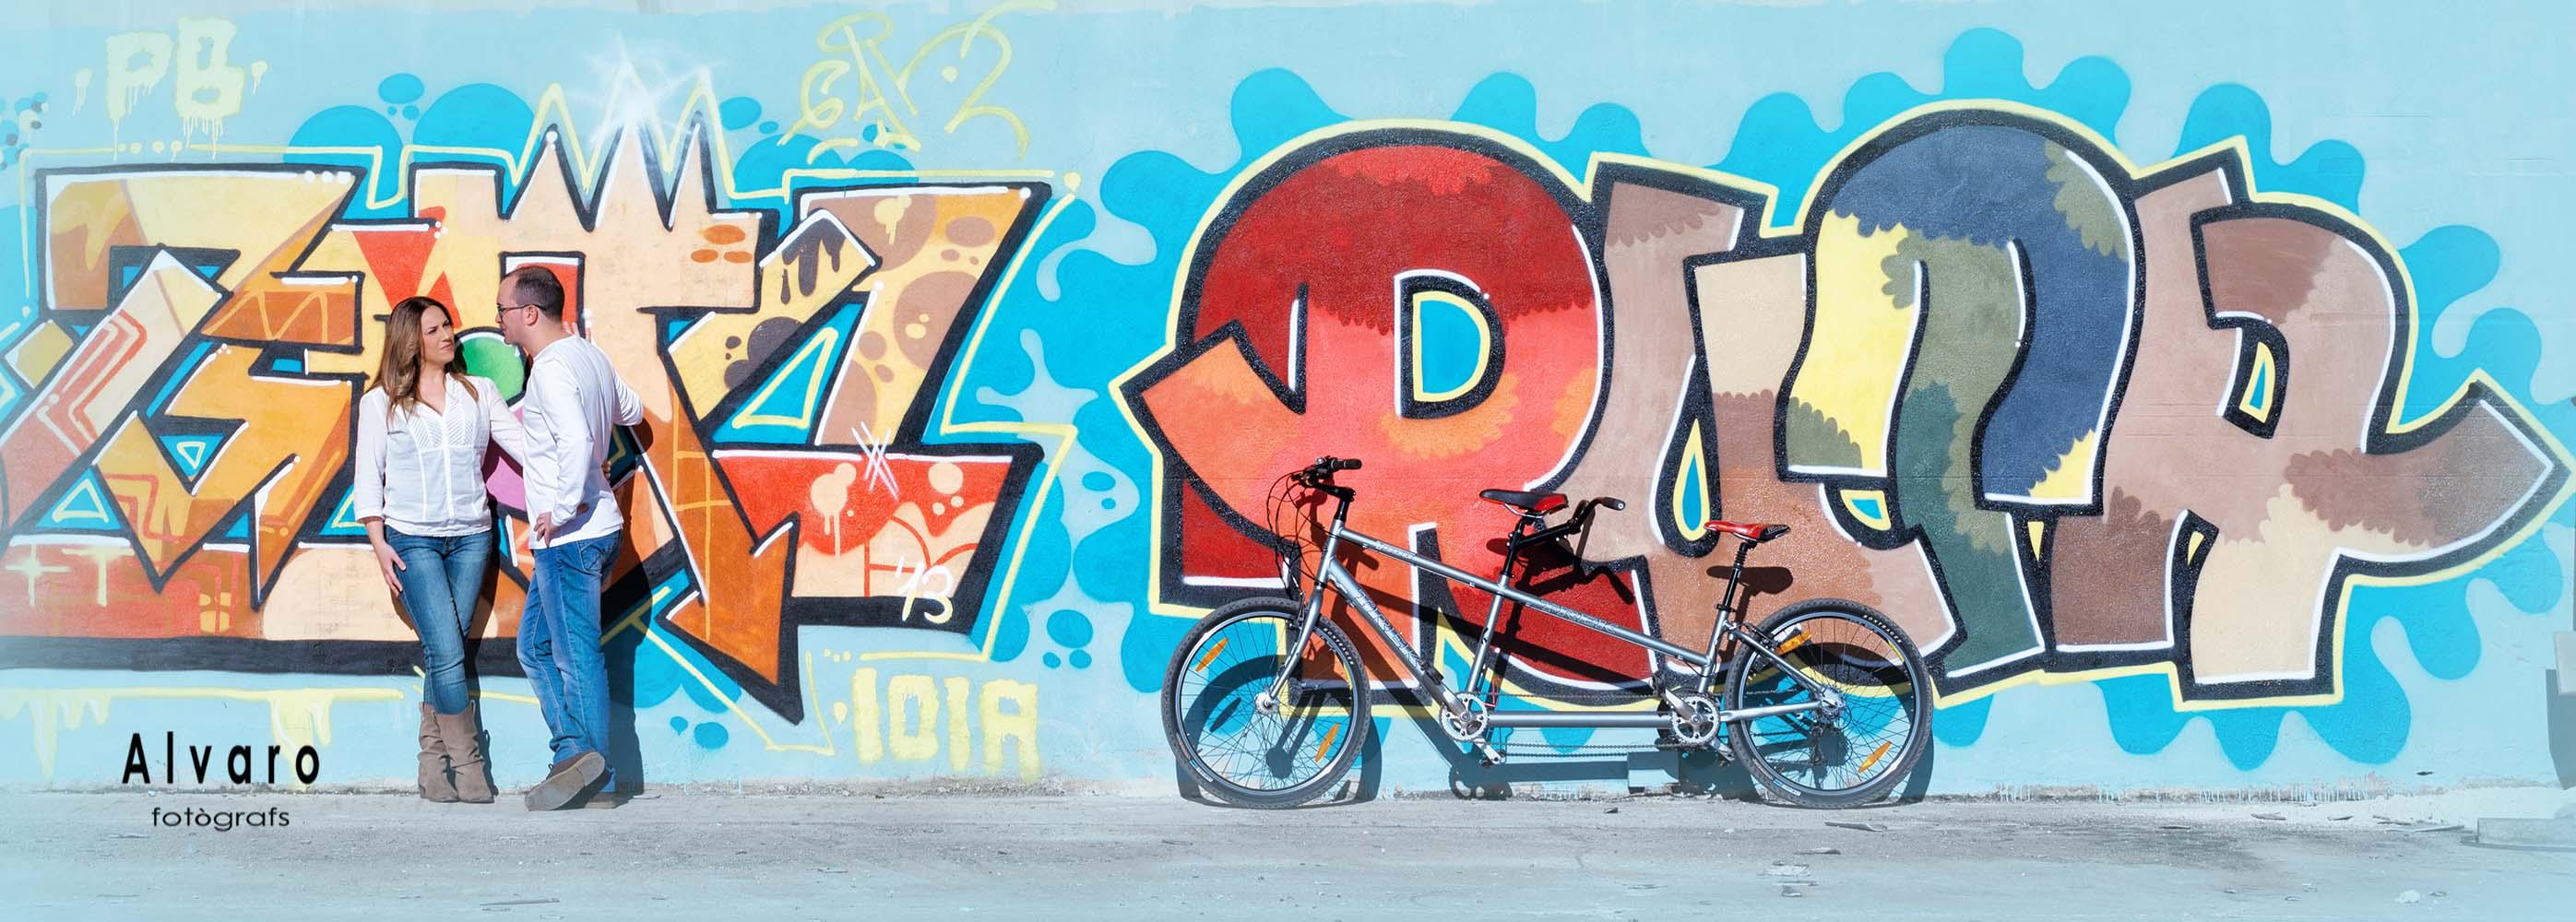 preboda grafitis